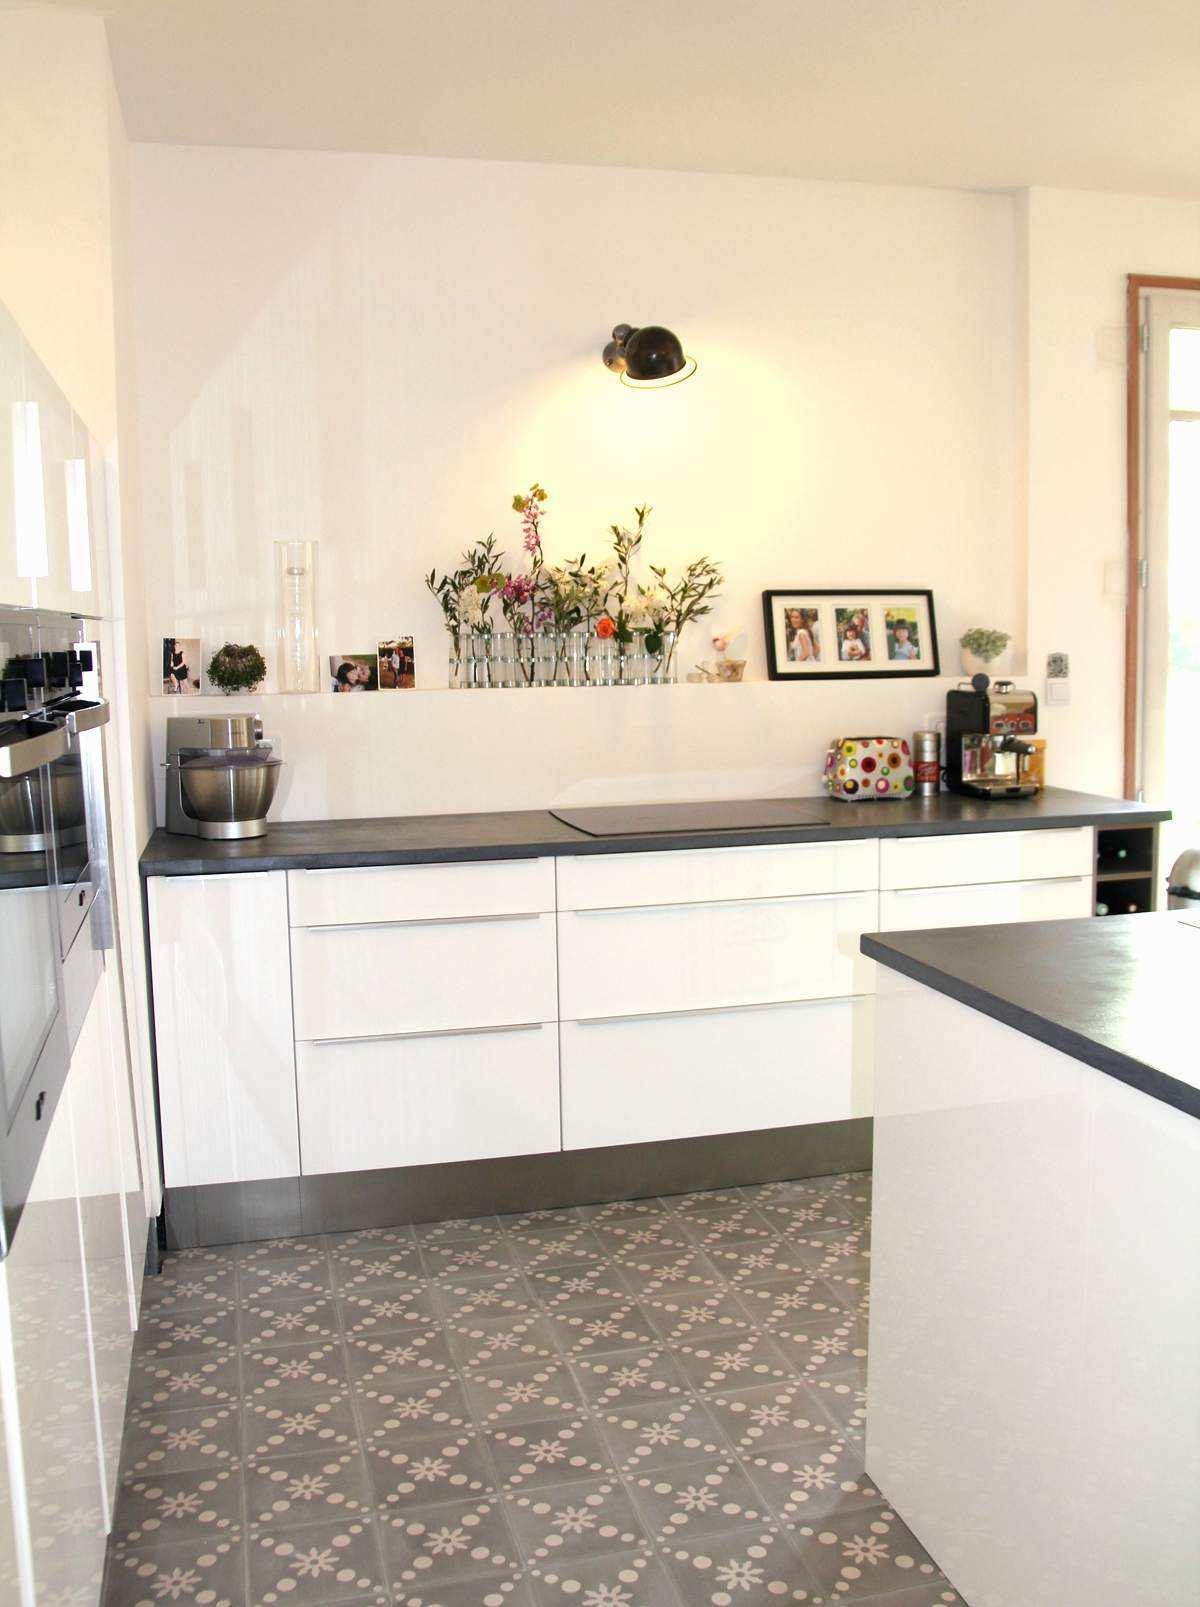 plan de travail blanc laqu ikea lille maison. Black Bedroom Furniture Sets. Home Design Ideas